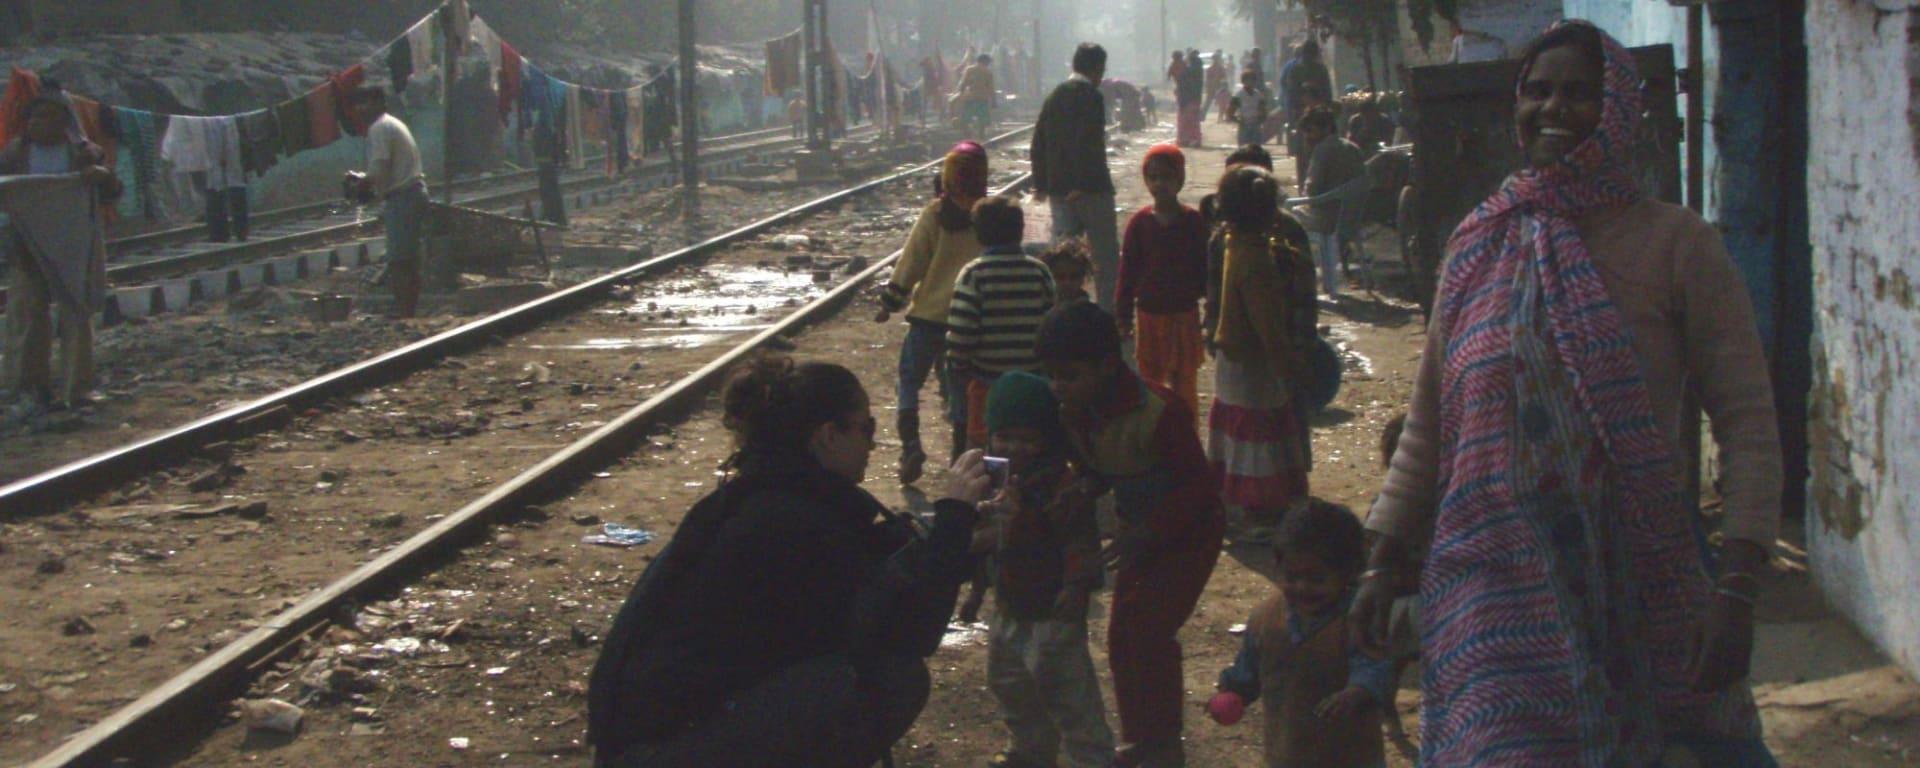 Unterwegs mit einstigen Strassenkindern in Delhi: Salaam Baalak2